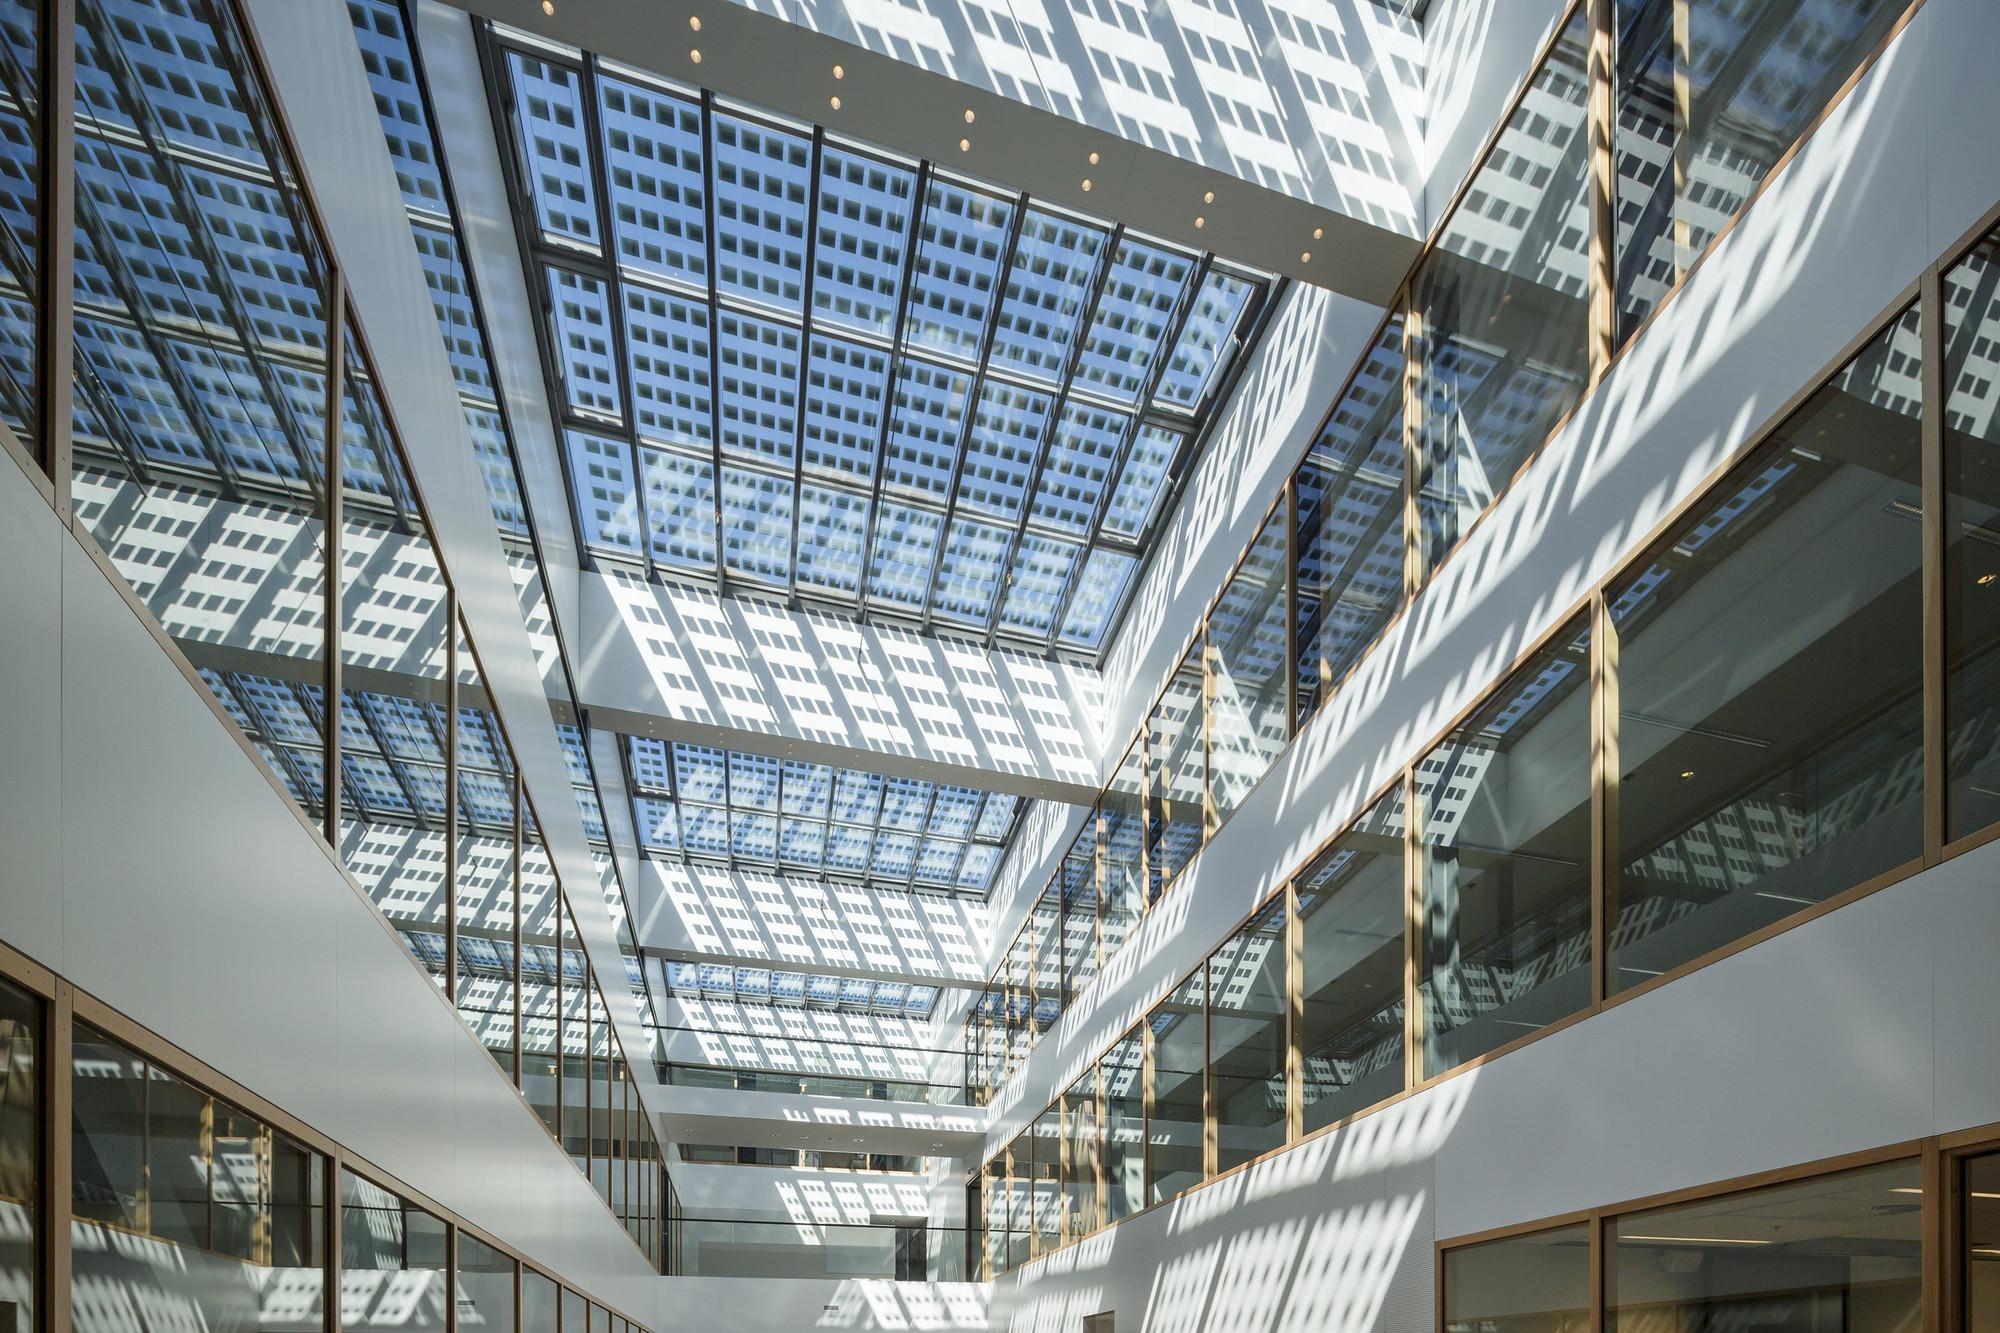 Panel solar transparente 50% para cerrar espacios